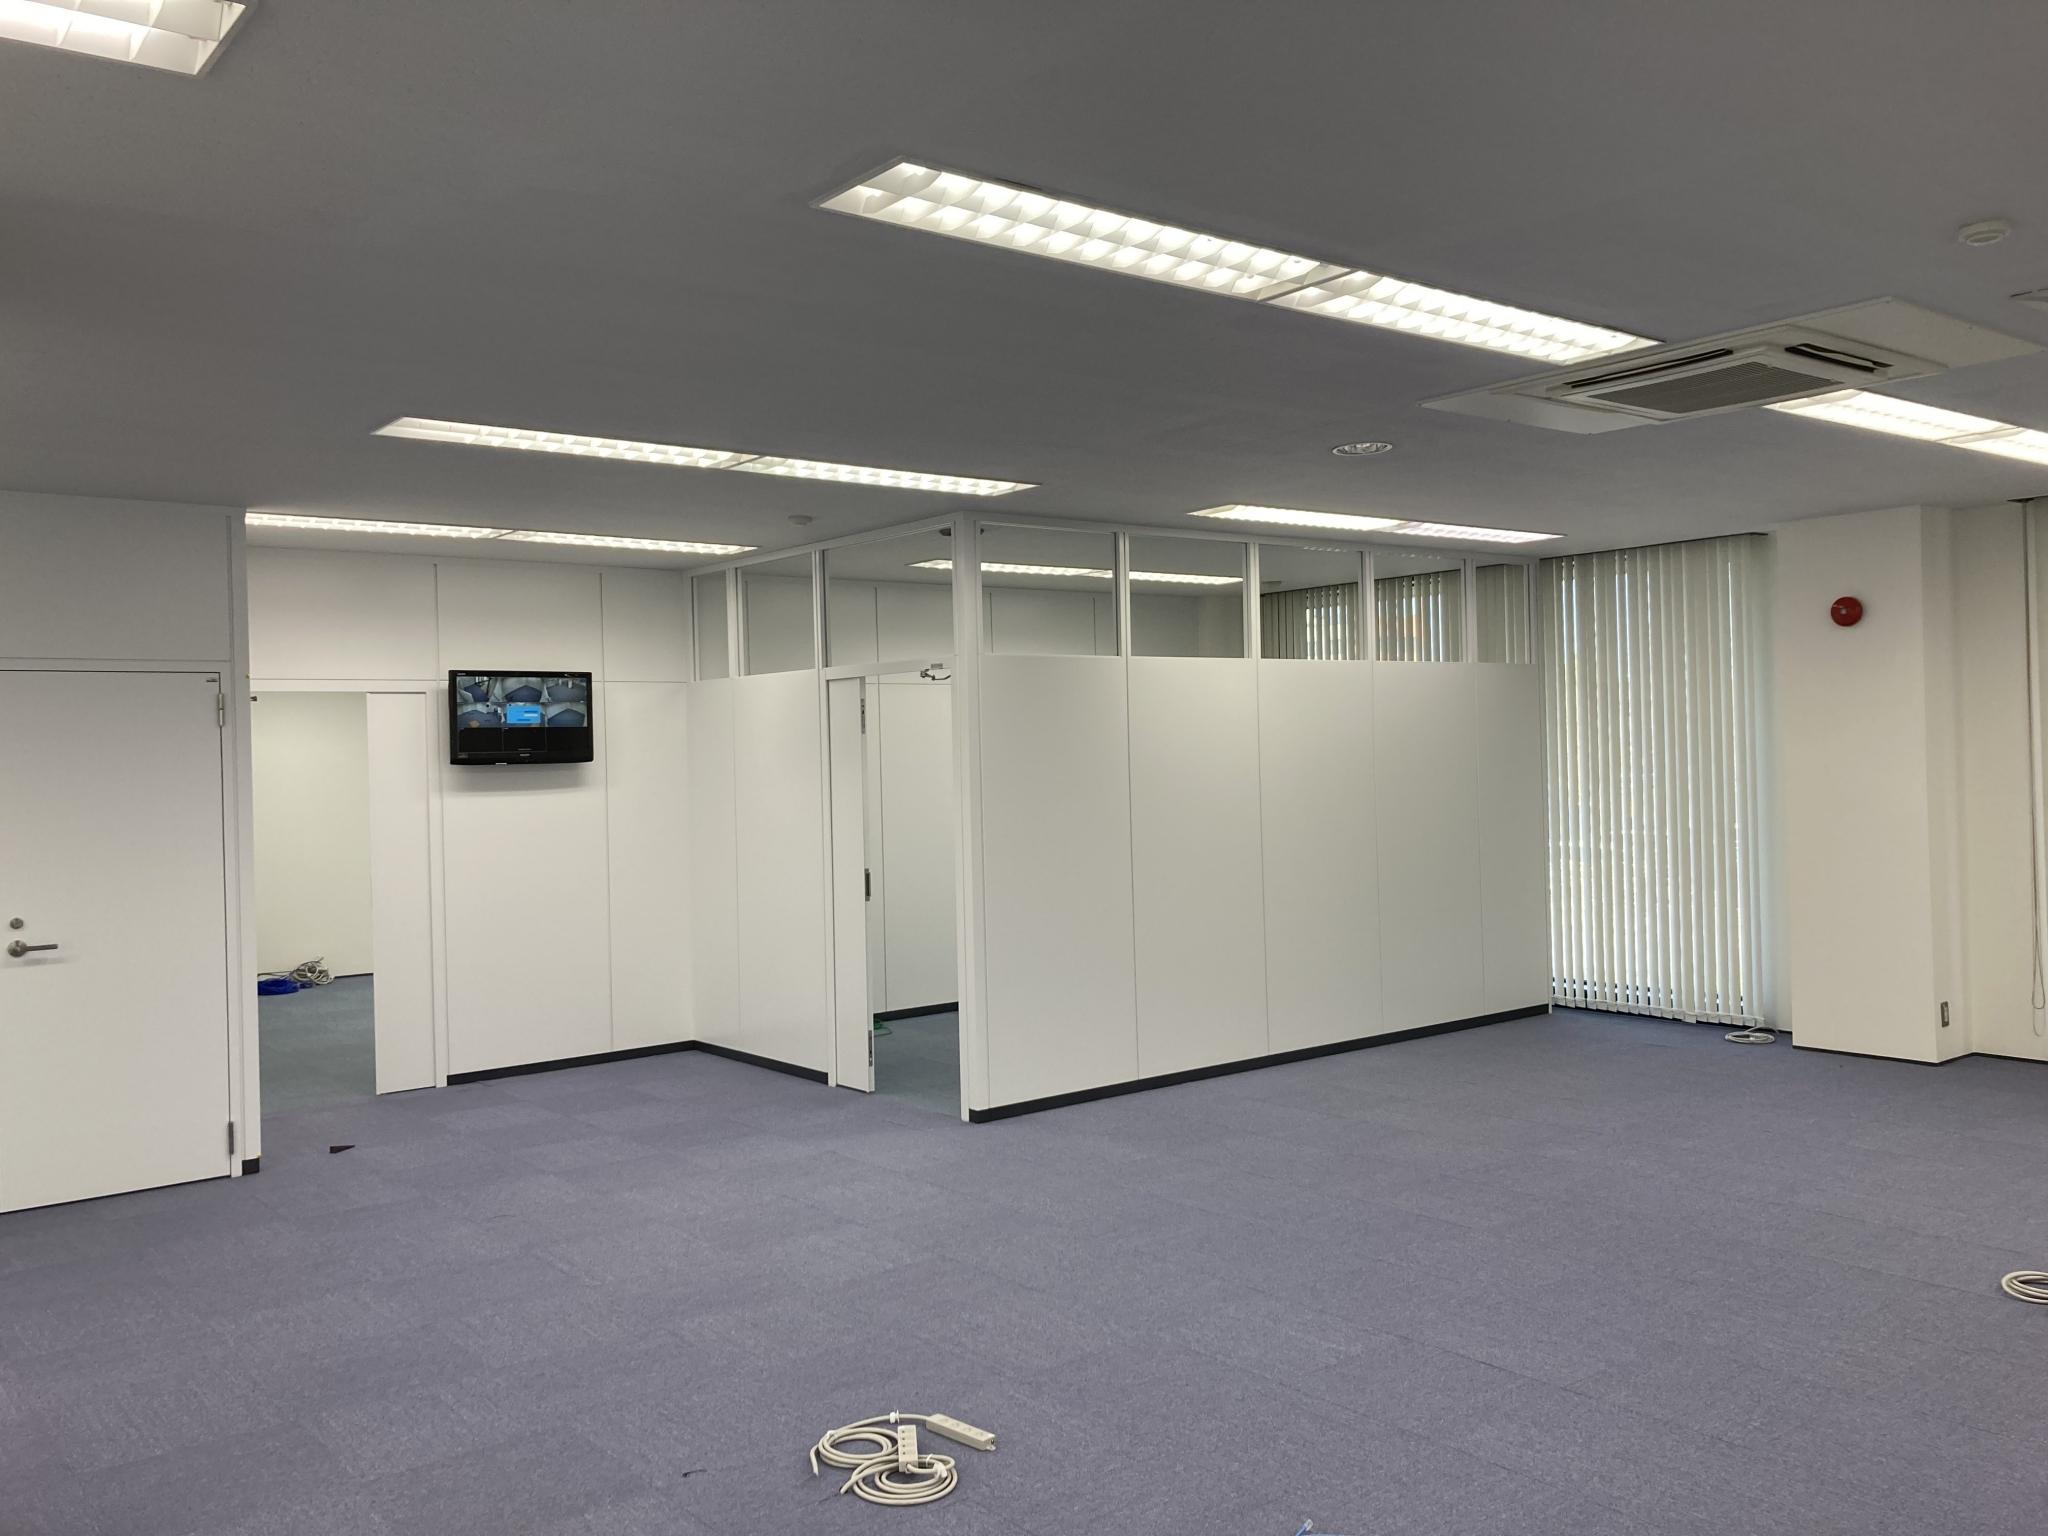 事務所移転に伴う事務所内の間仕切りと配線を整理するための床のOAフロア、配線工事